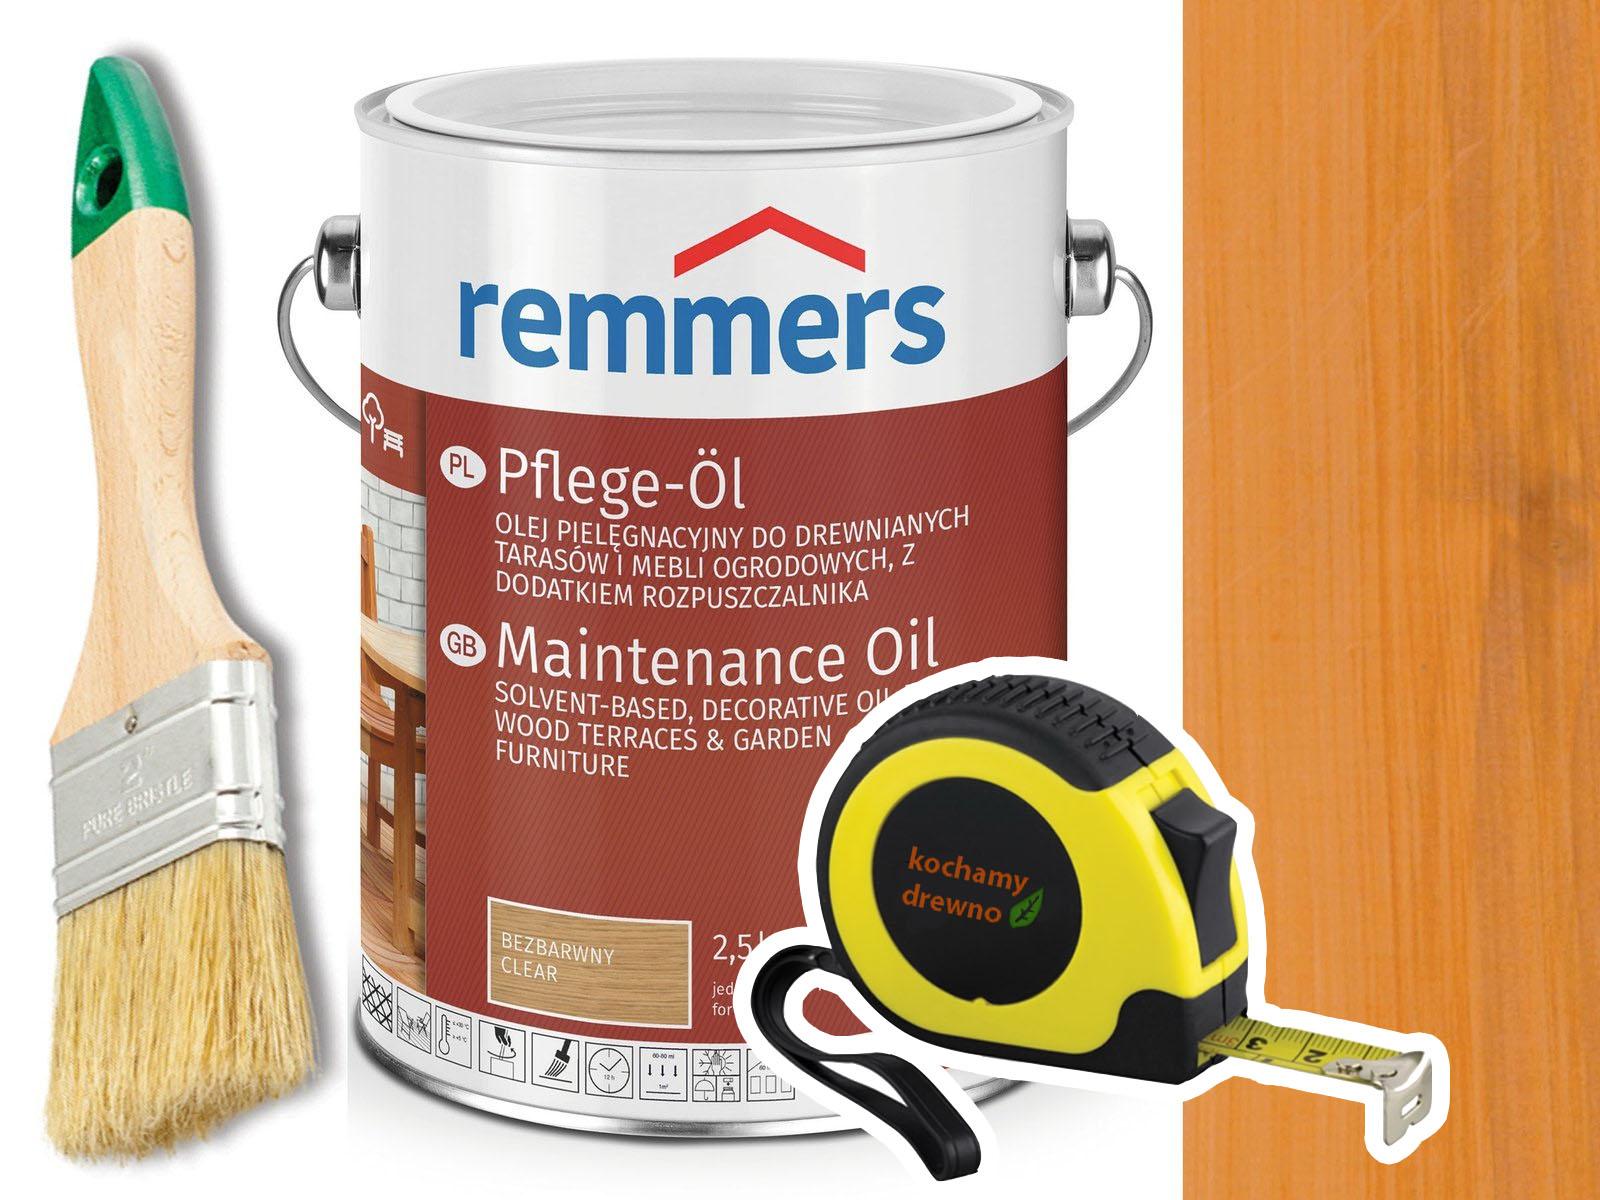 Реммерс Pflege-Ol нефти для LARCH TERRACES 5 L